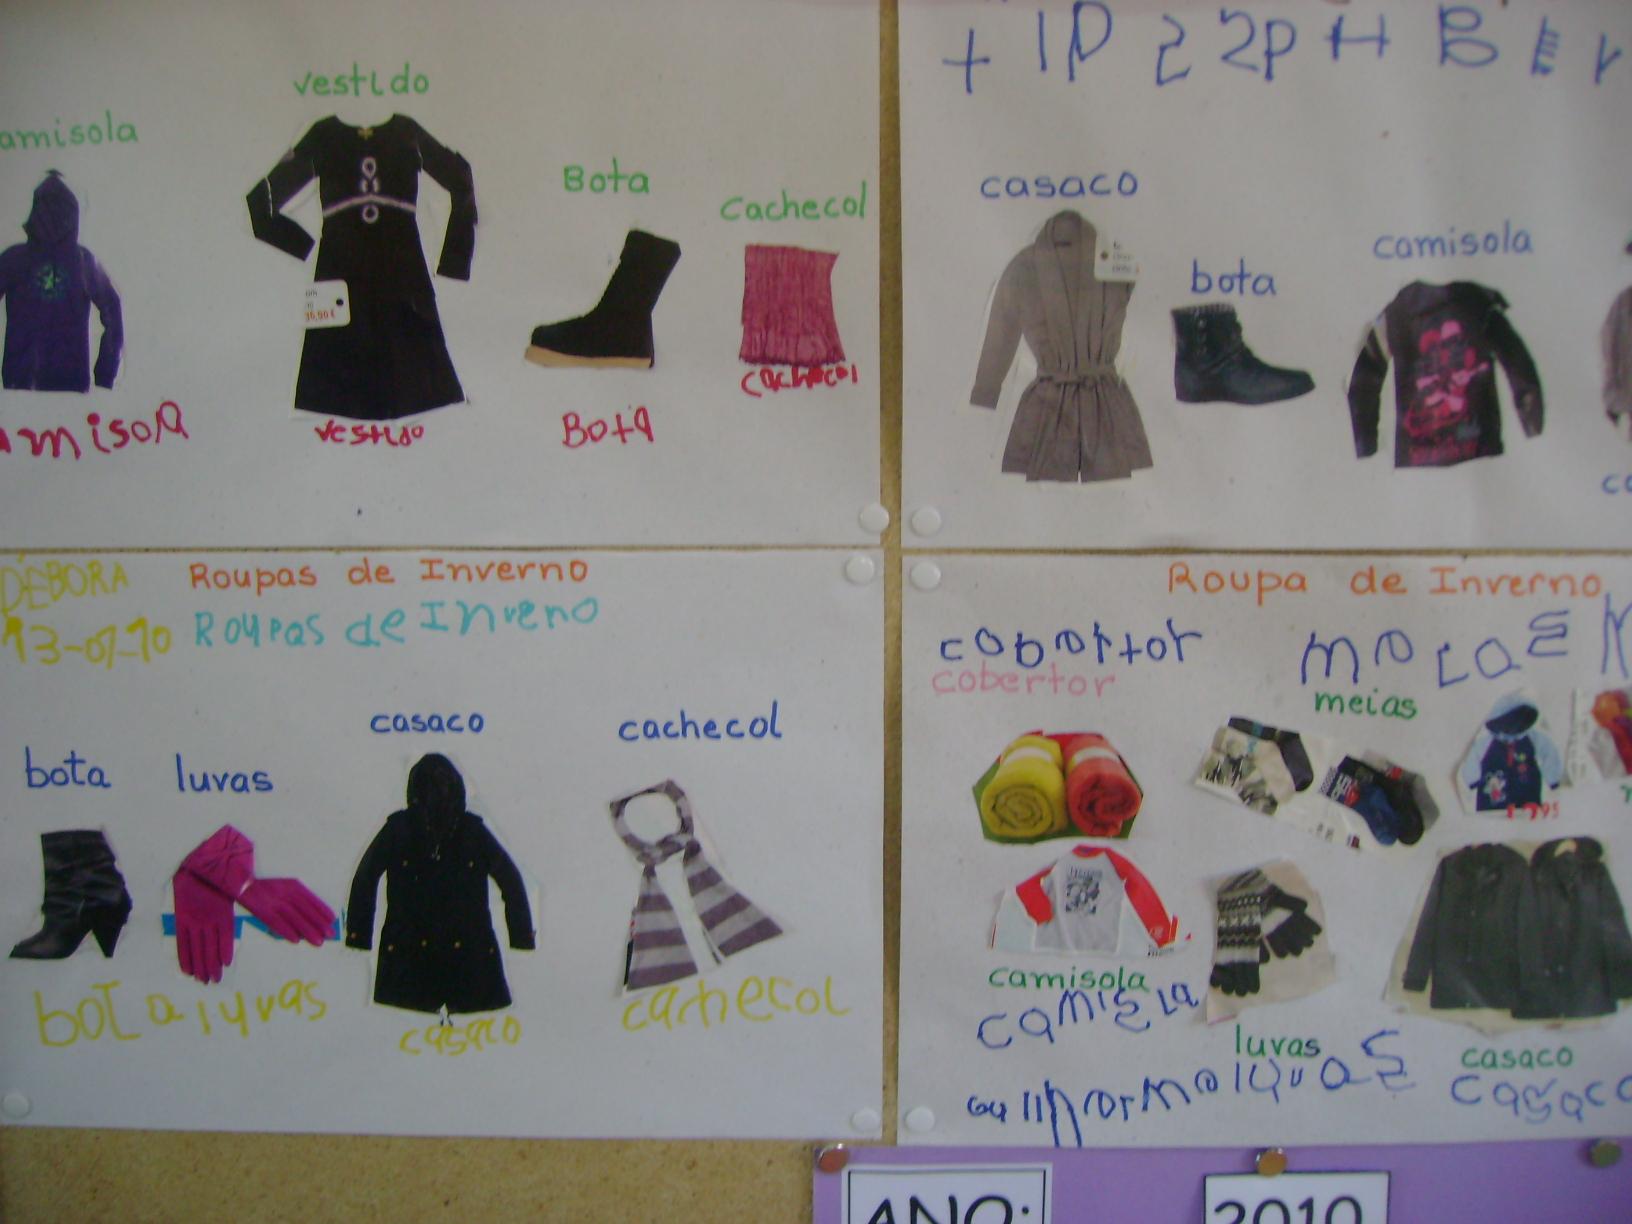 ideias para trabalhar no jardim de infancia:recortes de imagens com roupas de inverno